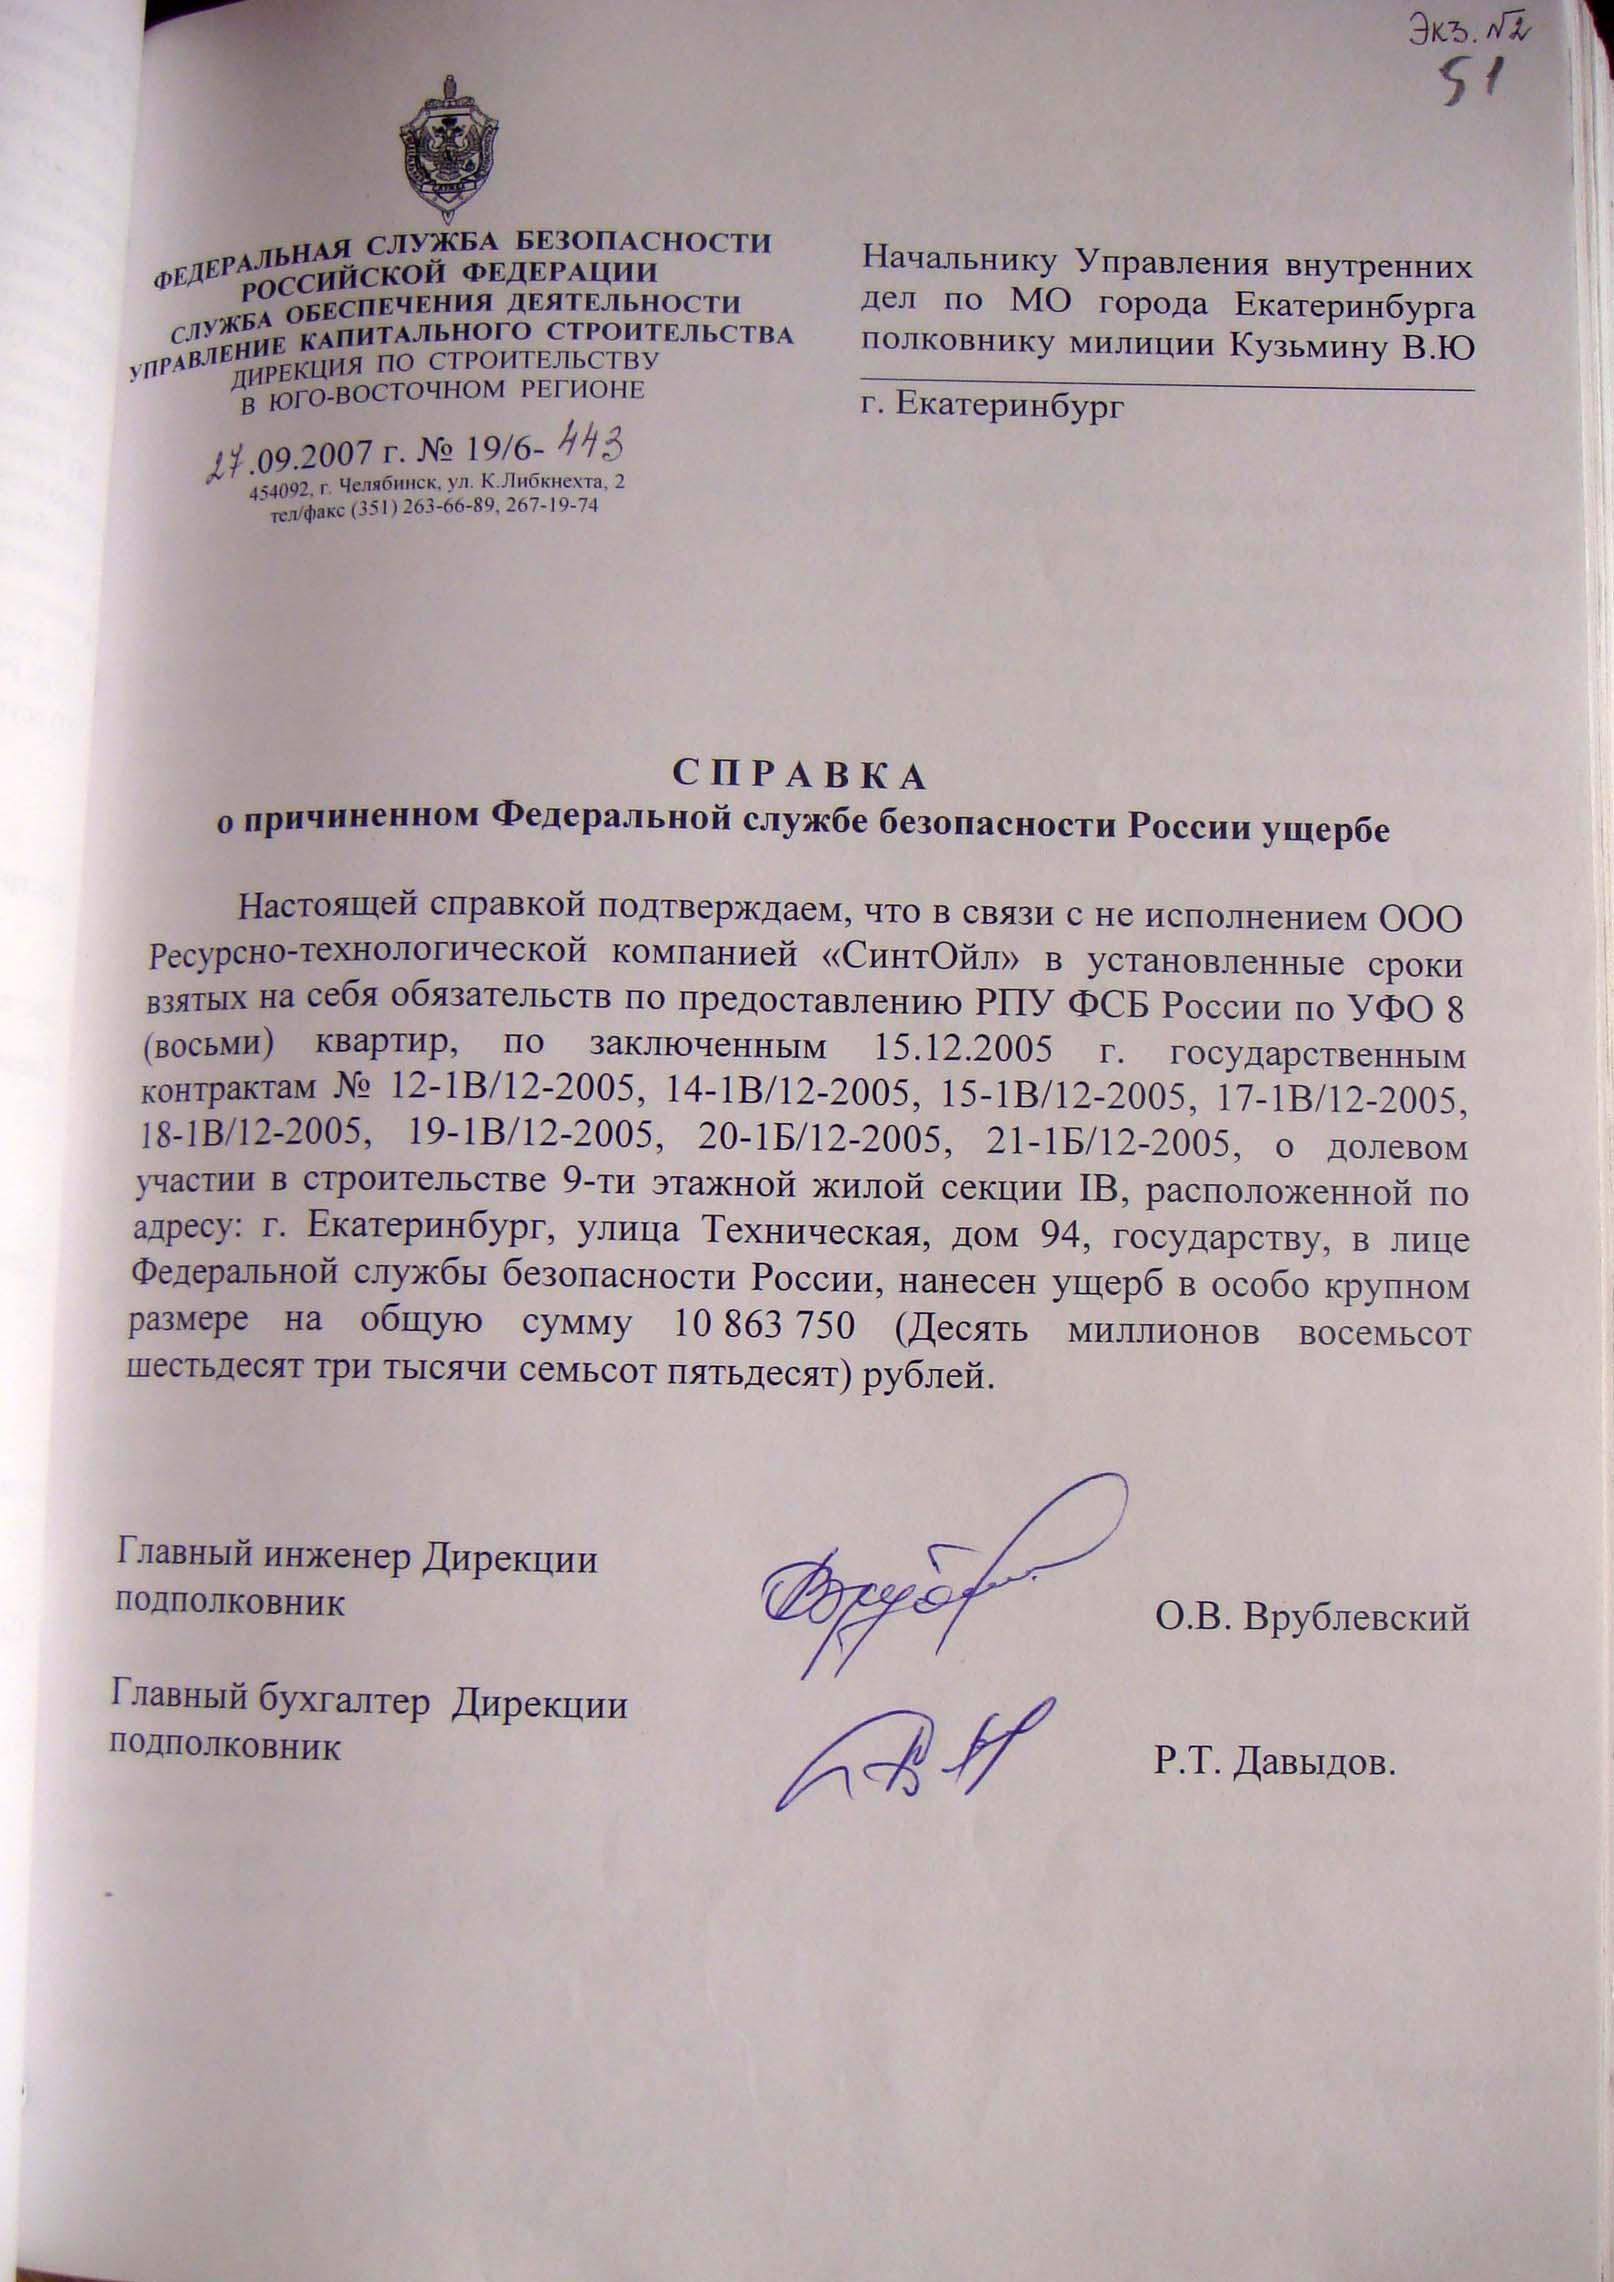 Uscherbnaya_spravka